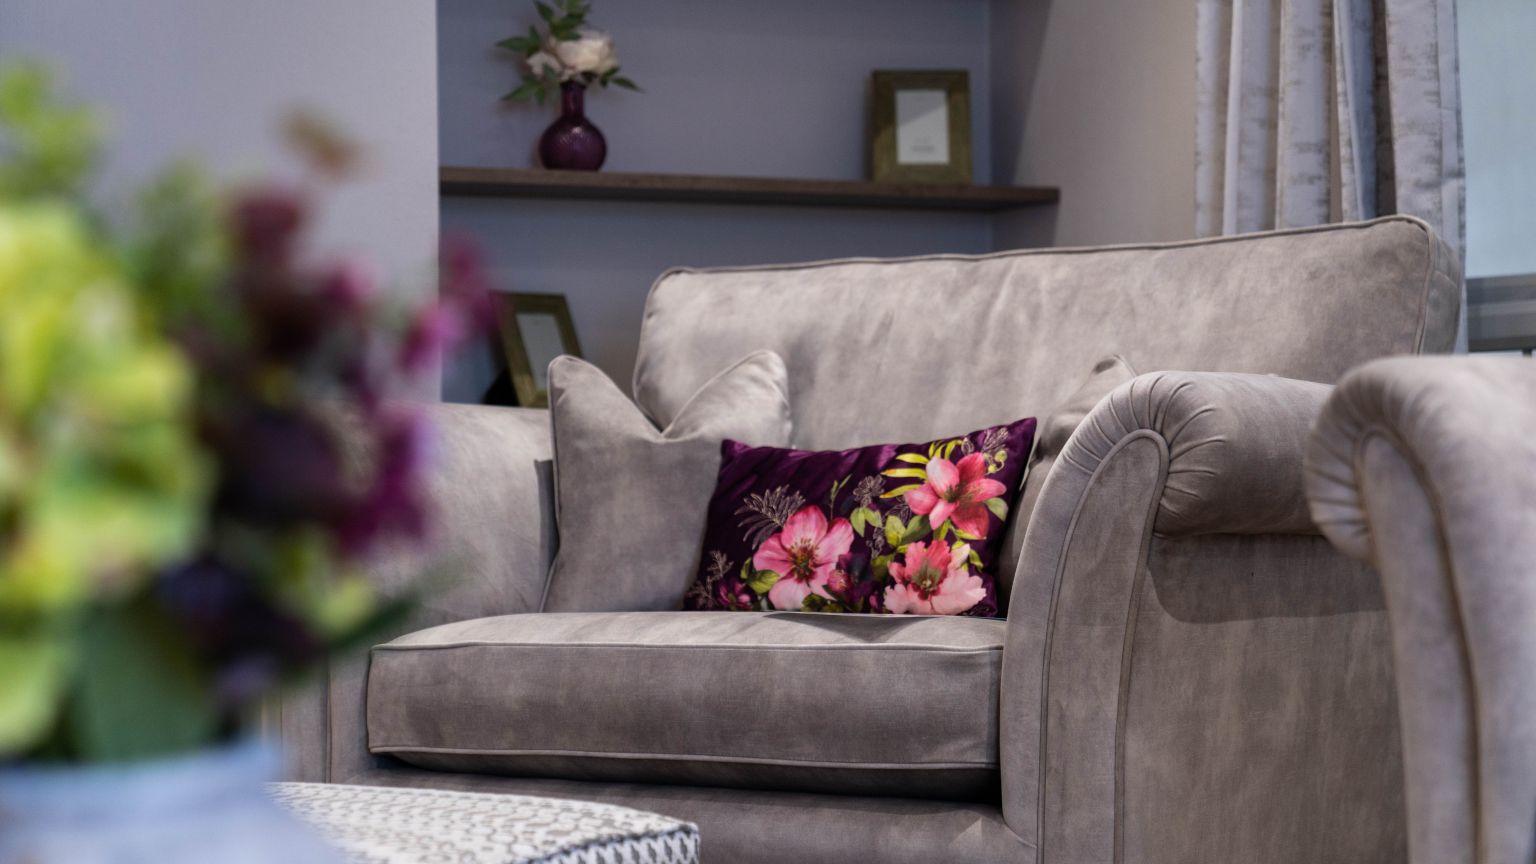 The Addington Park Home Review